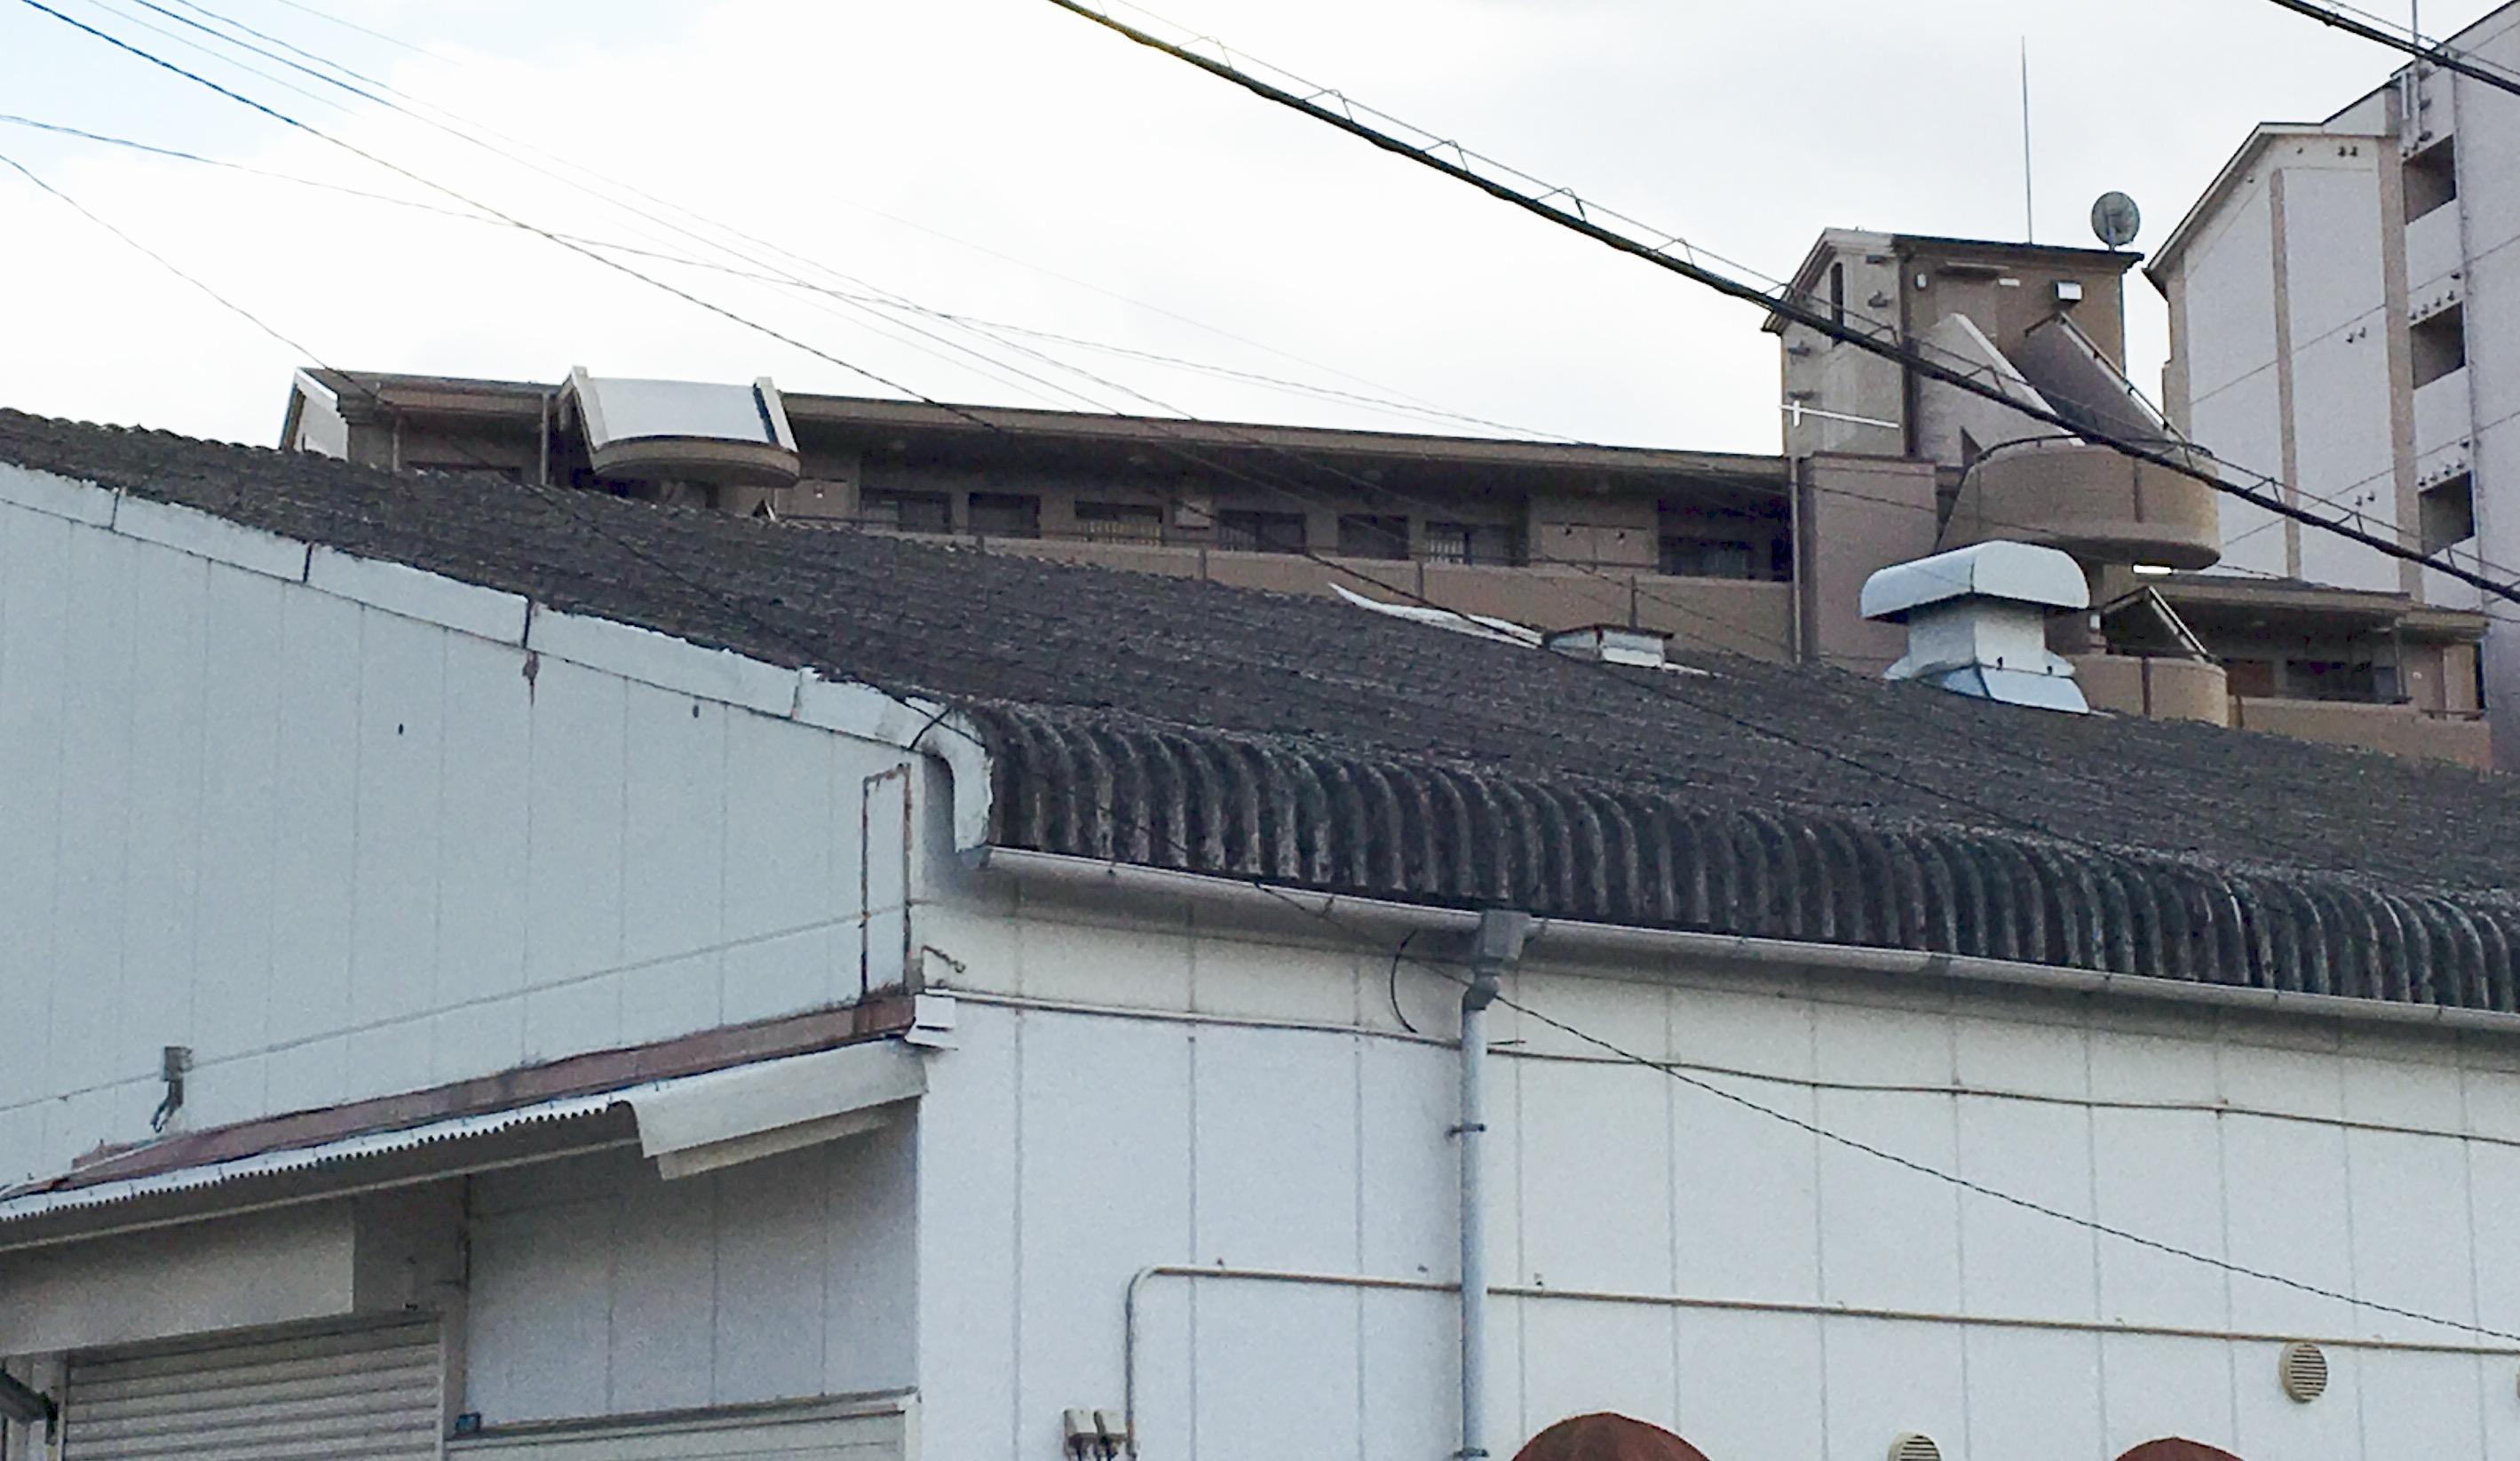 【大波スレート屋根】2つリフォーム方法とその特徴